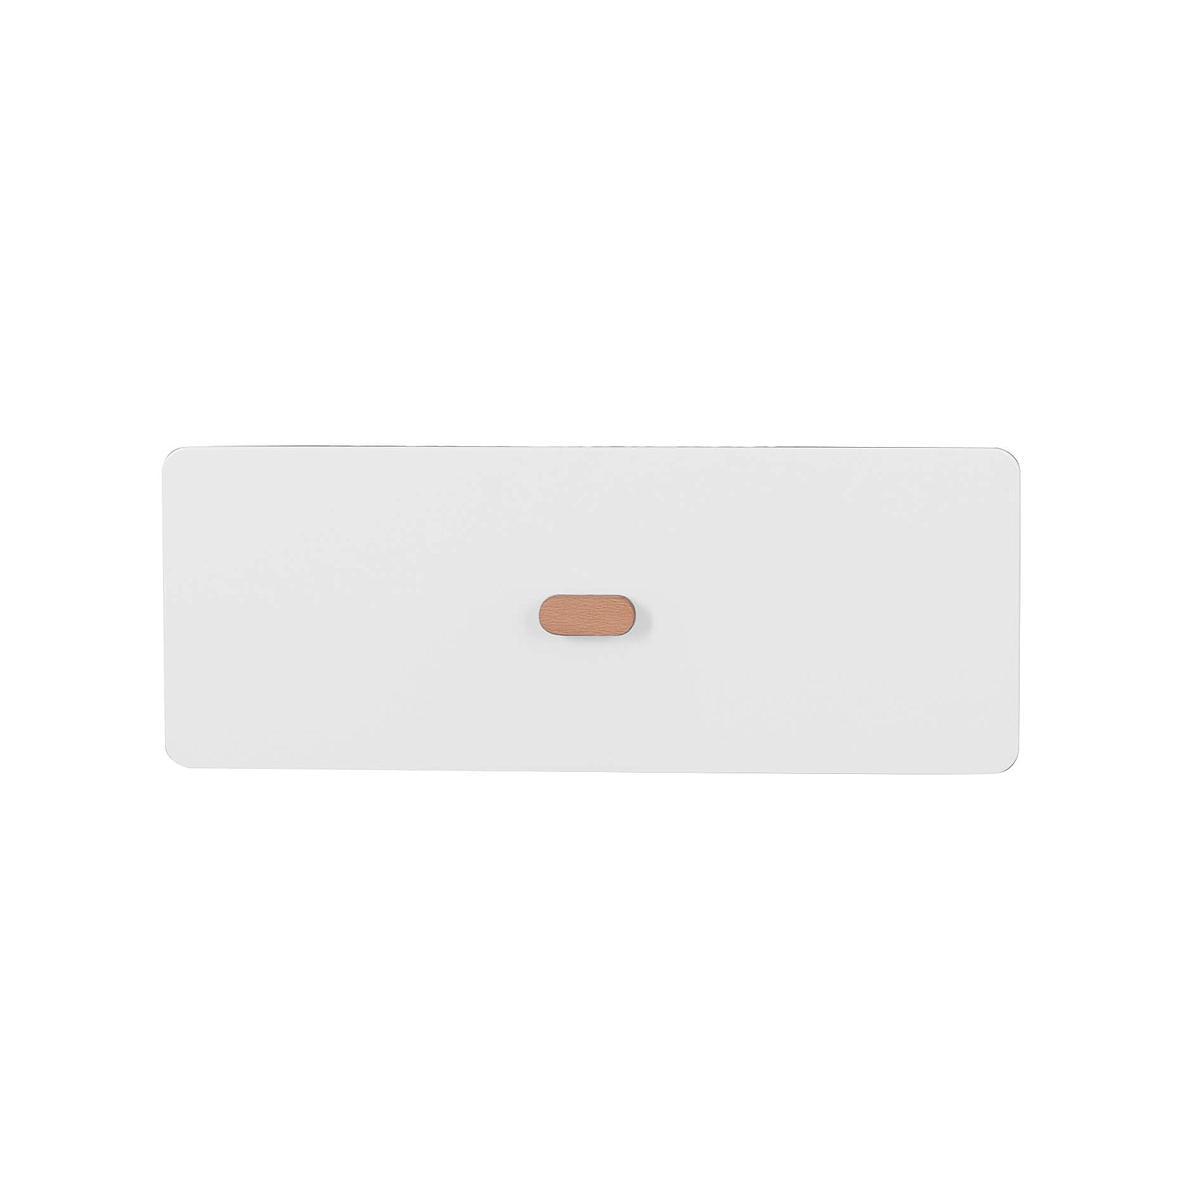 Schubladenblende einzeln 17cm-Griff DESTYLE de Breuyn MDF weiß-lackiert